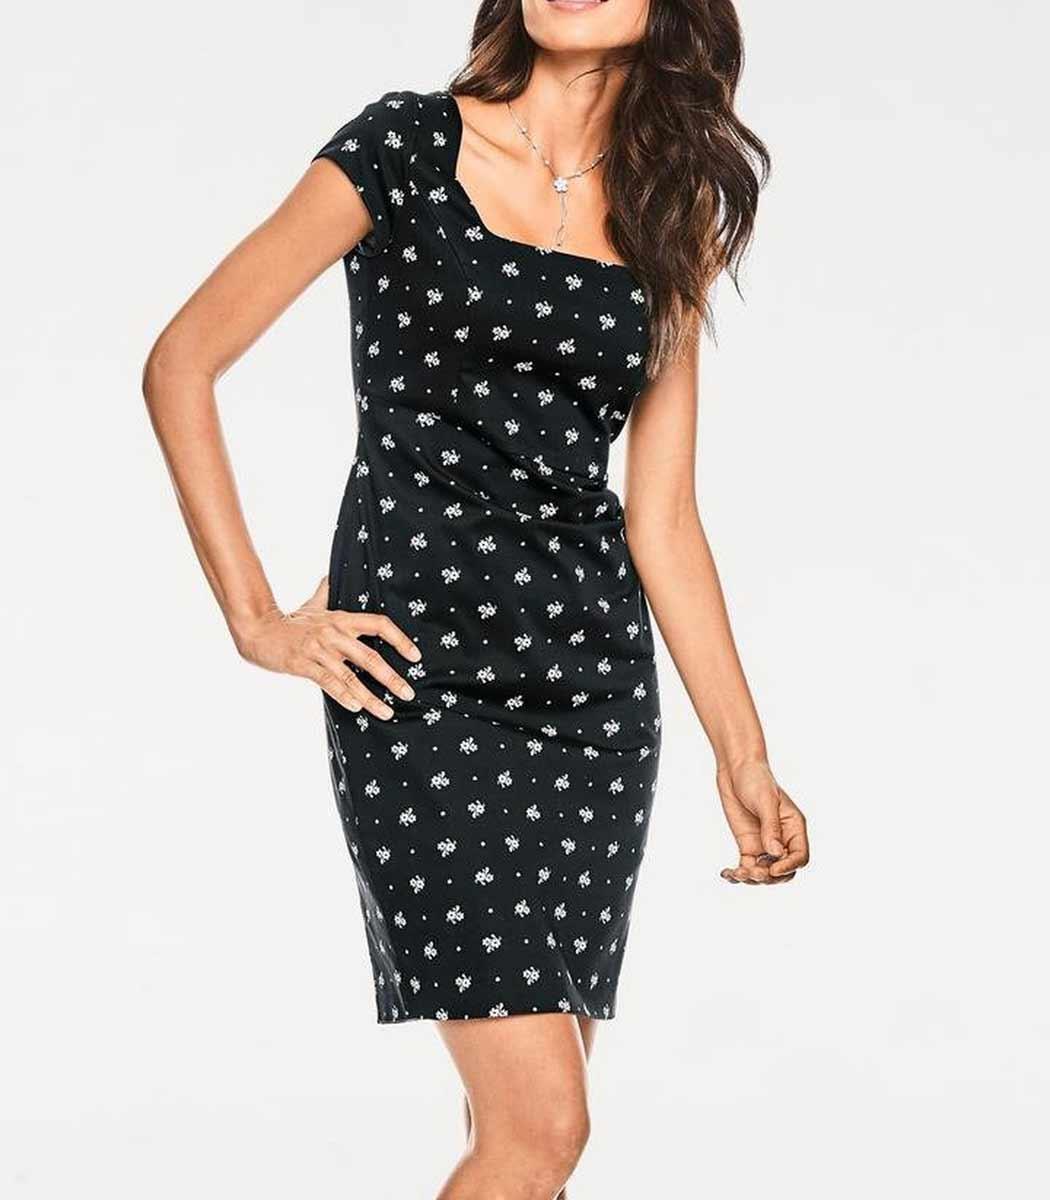 business kleider für damen ASHLEY BROOKE Damen Designer-Etuikleid Schwarz-Weiß 009.175 Missforty